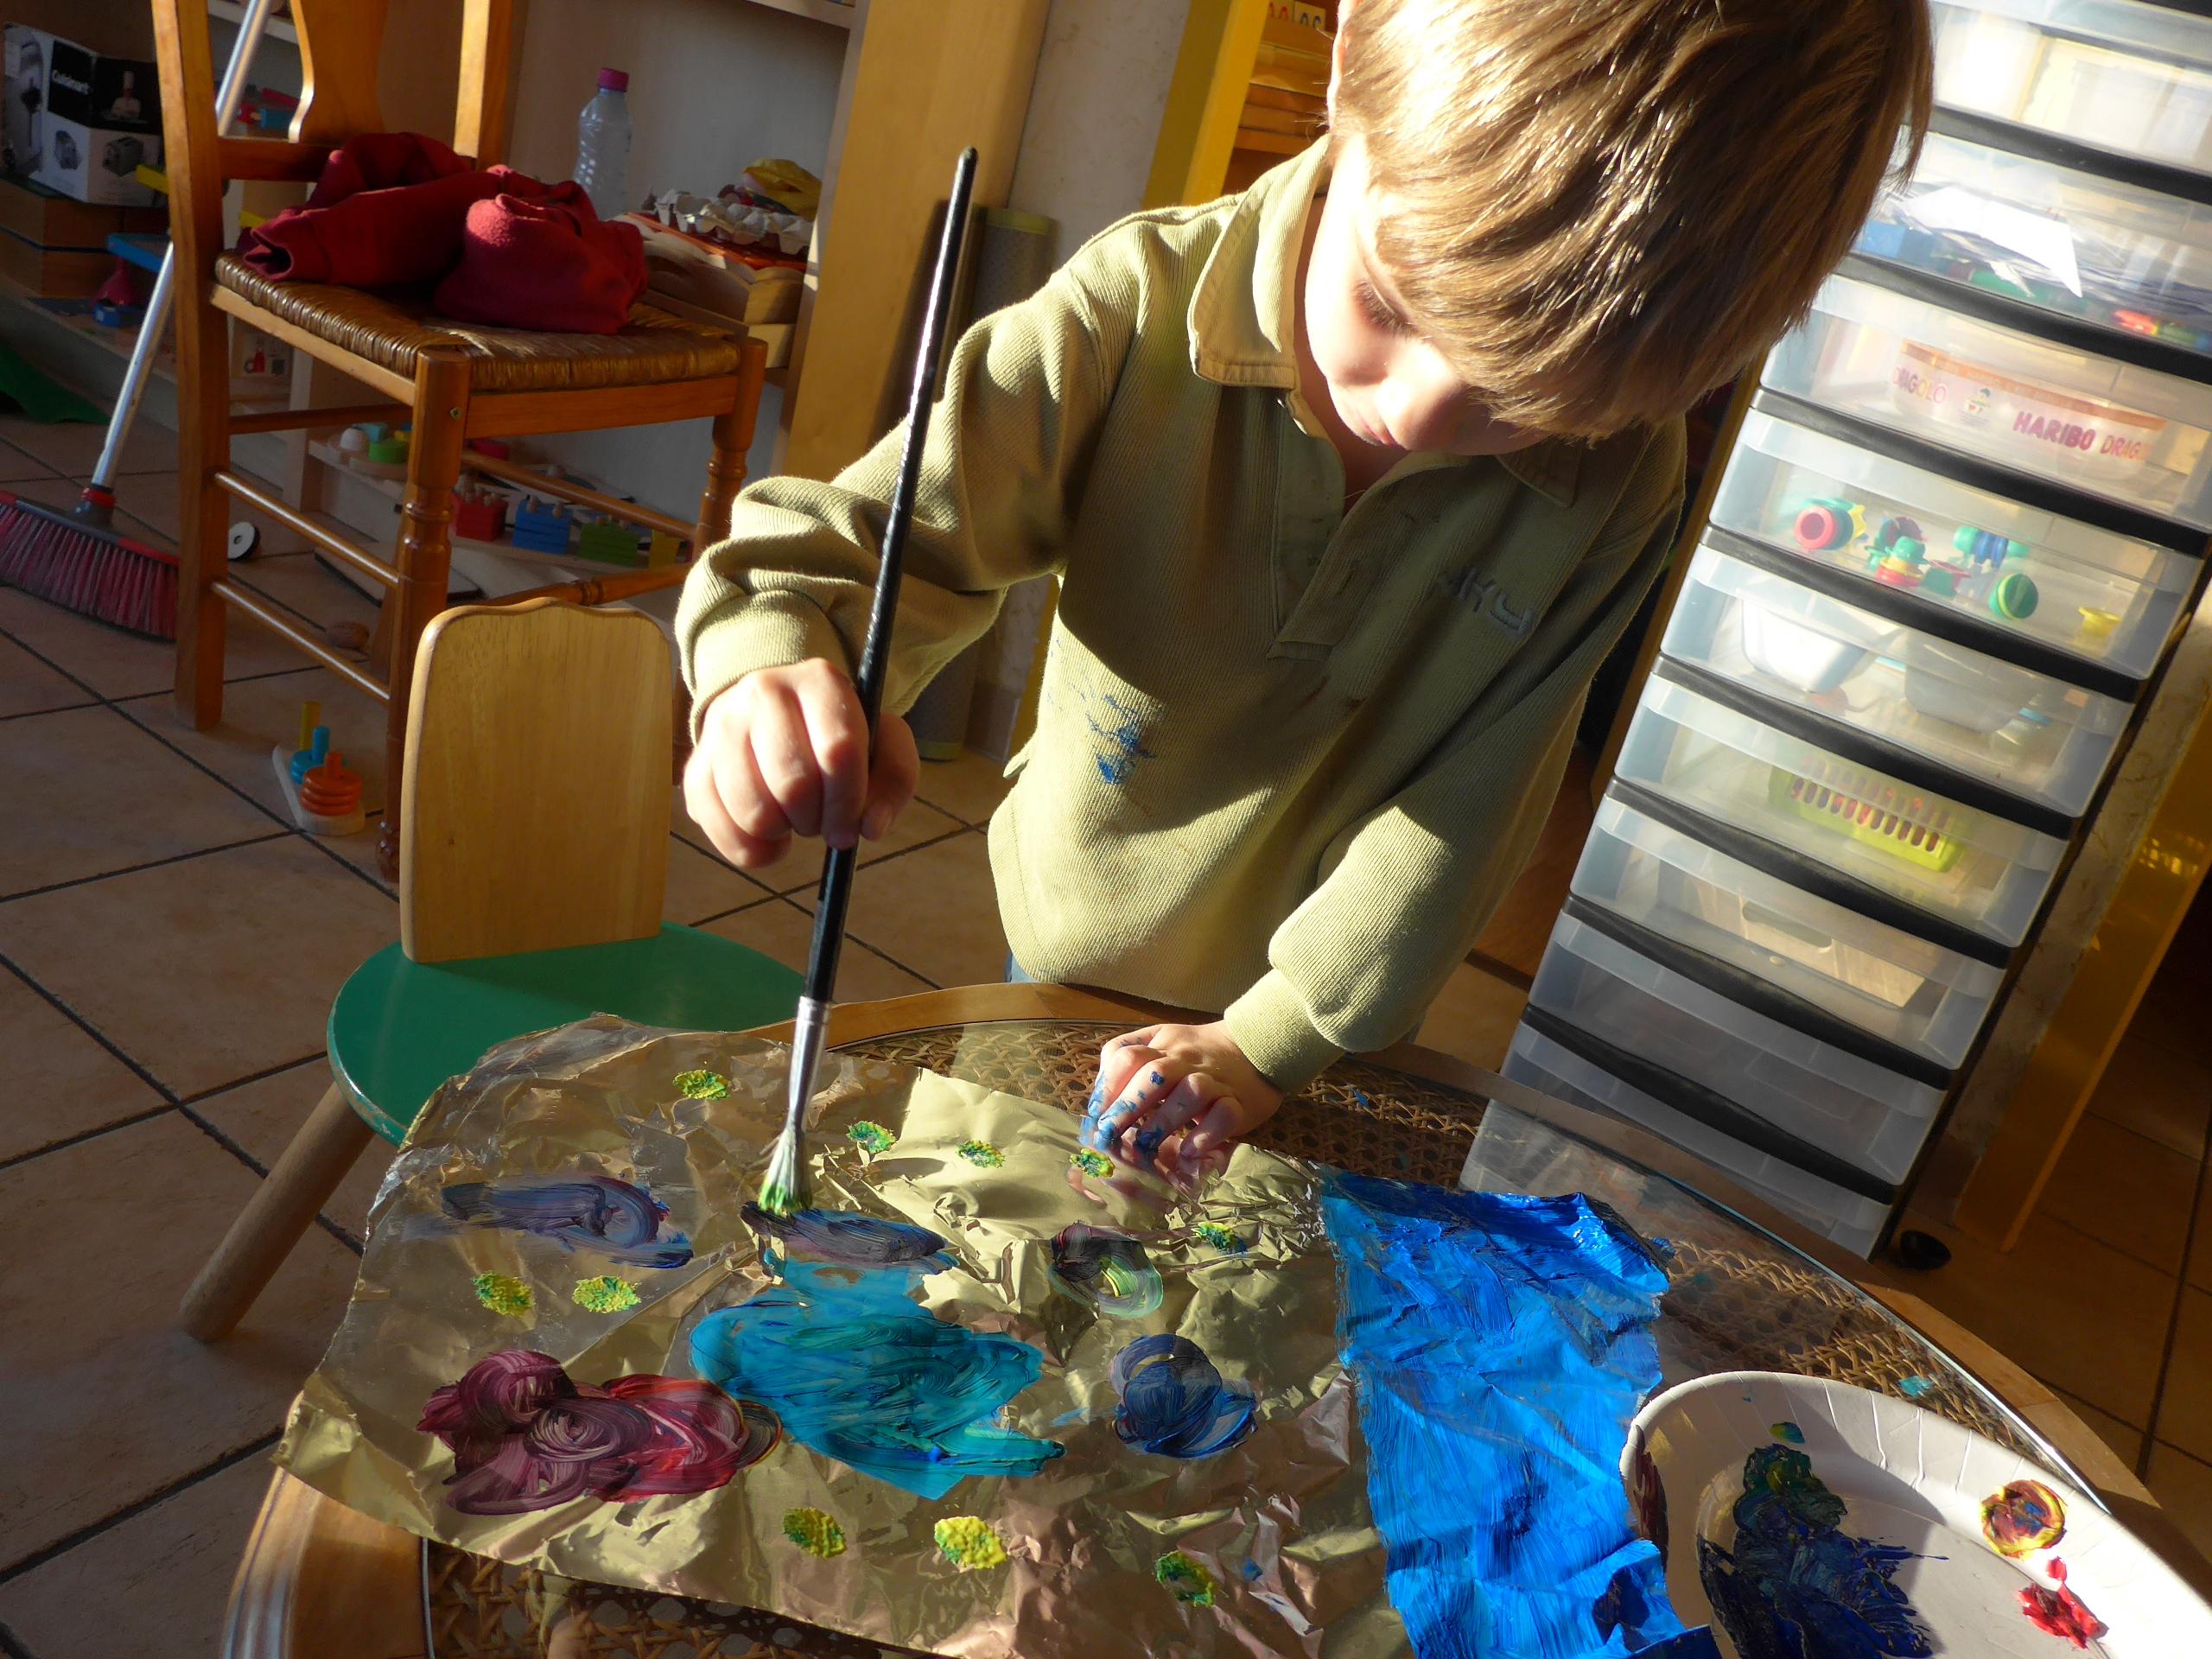 Varier Les Supports Peindre Sur Du Papier Alu Sur Des Feuilles De Sopalin Activites A La Maison